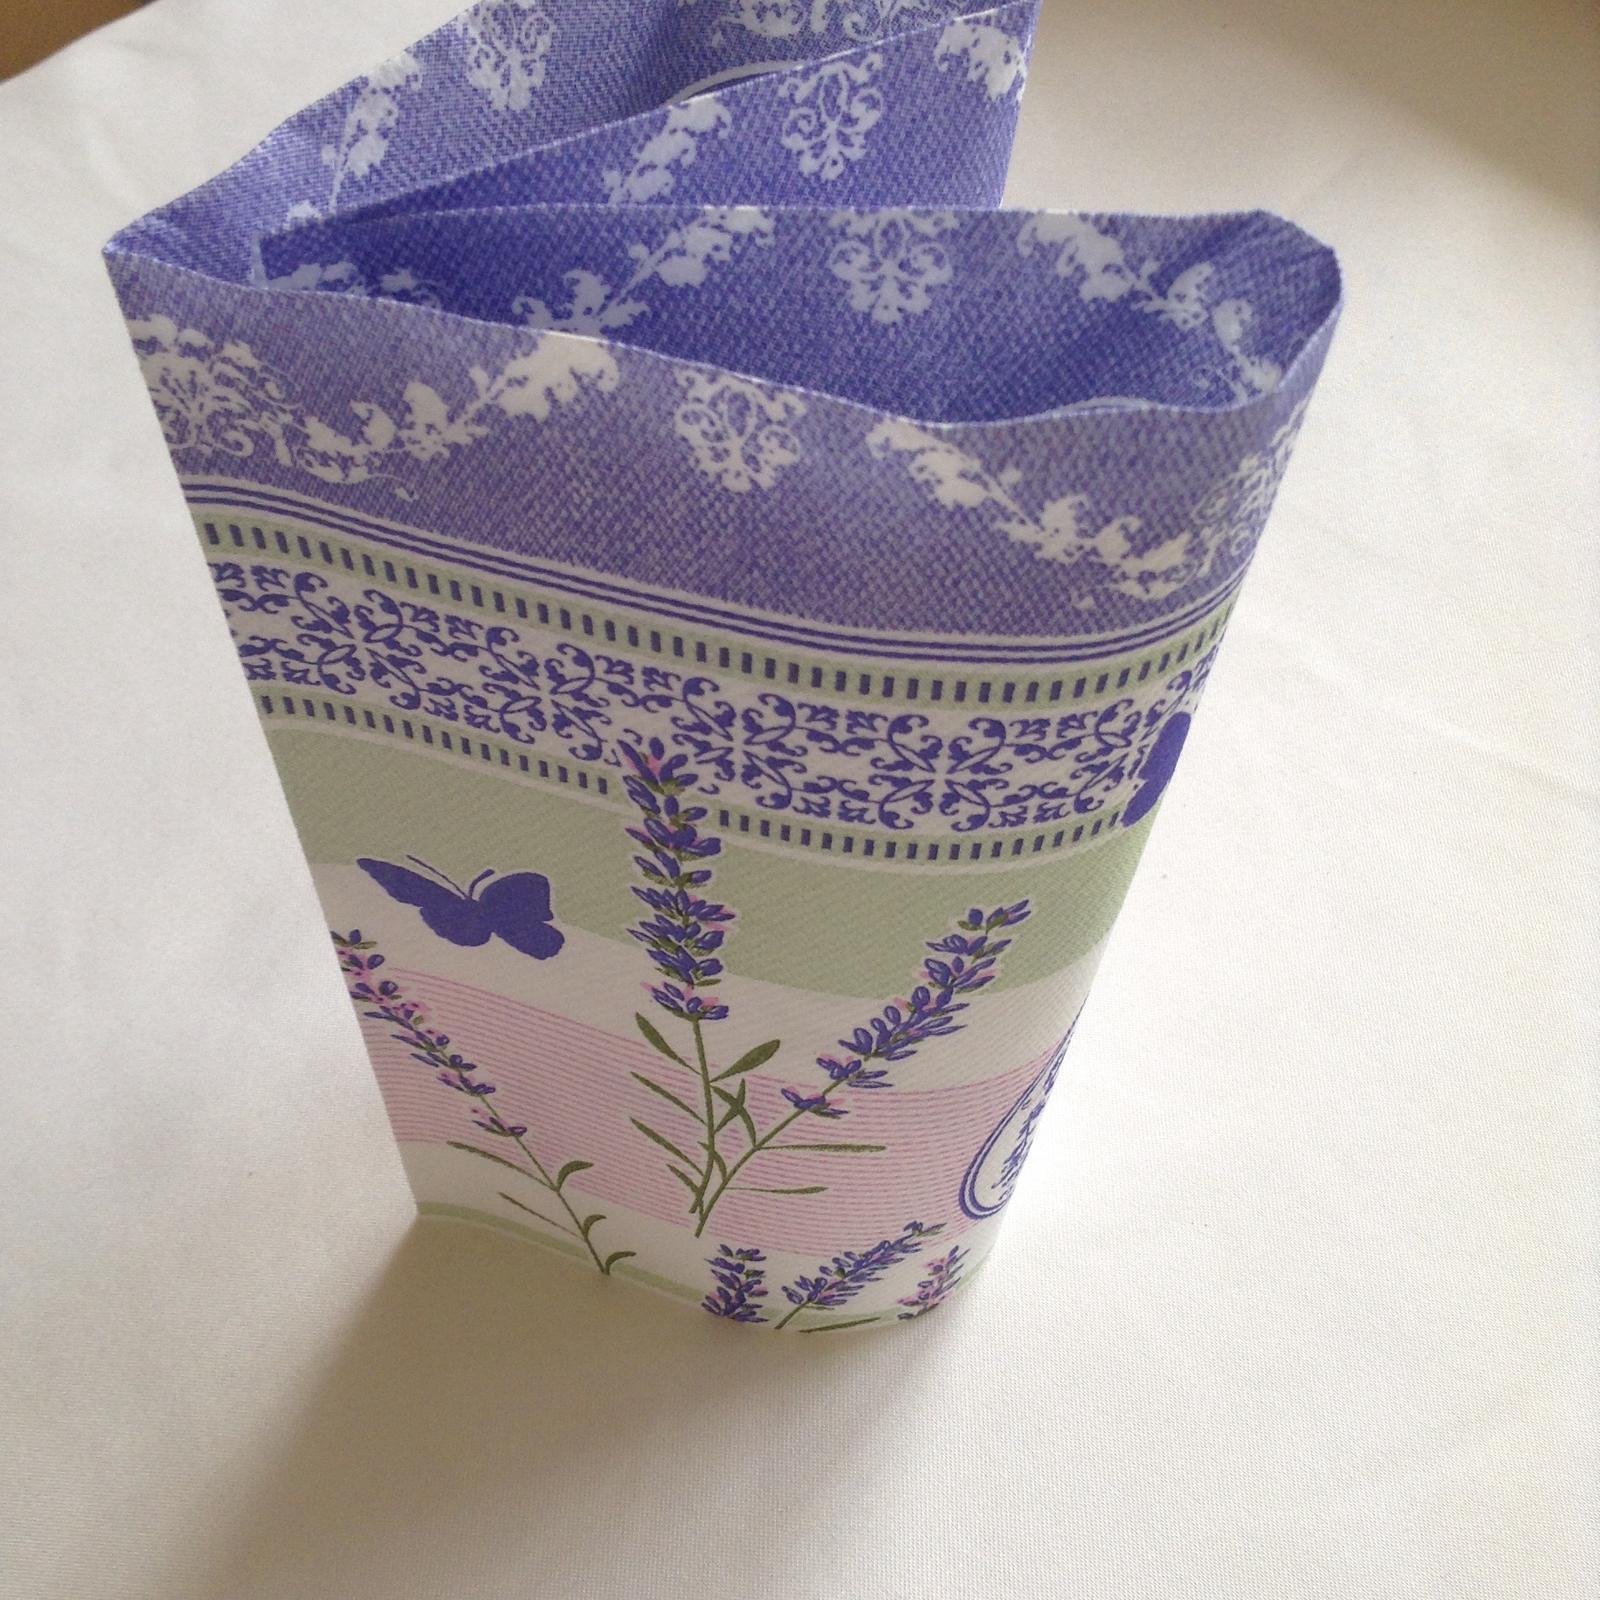 Luxusné servítky z netkanej textílie 40 x 40 cm -  - Obrázok č. 2